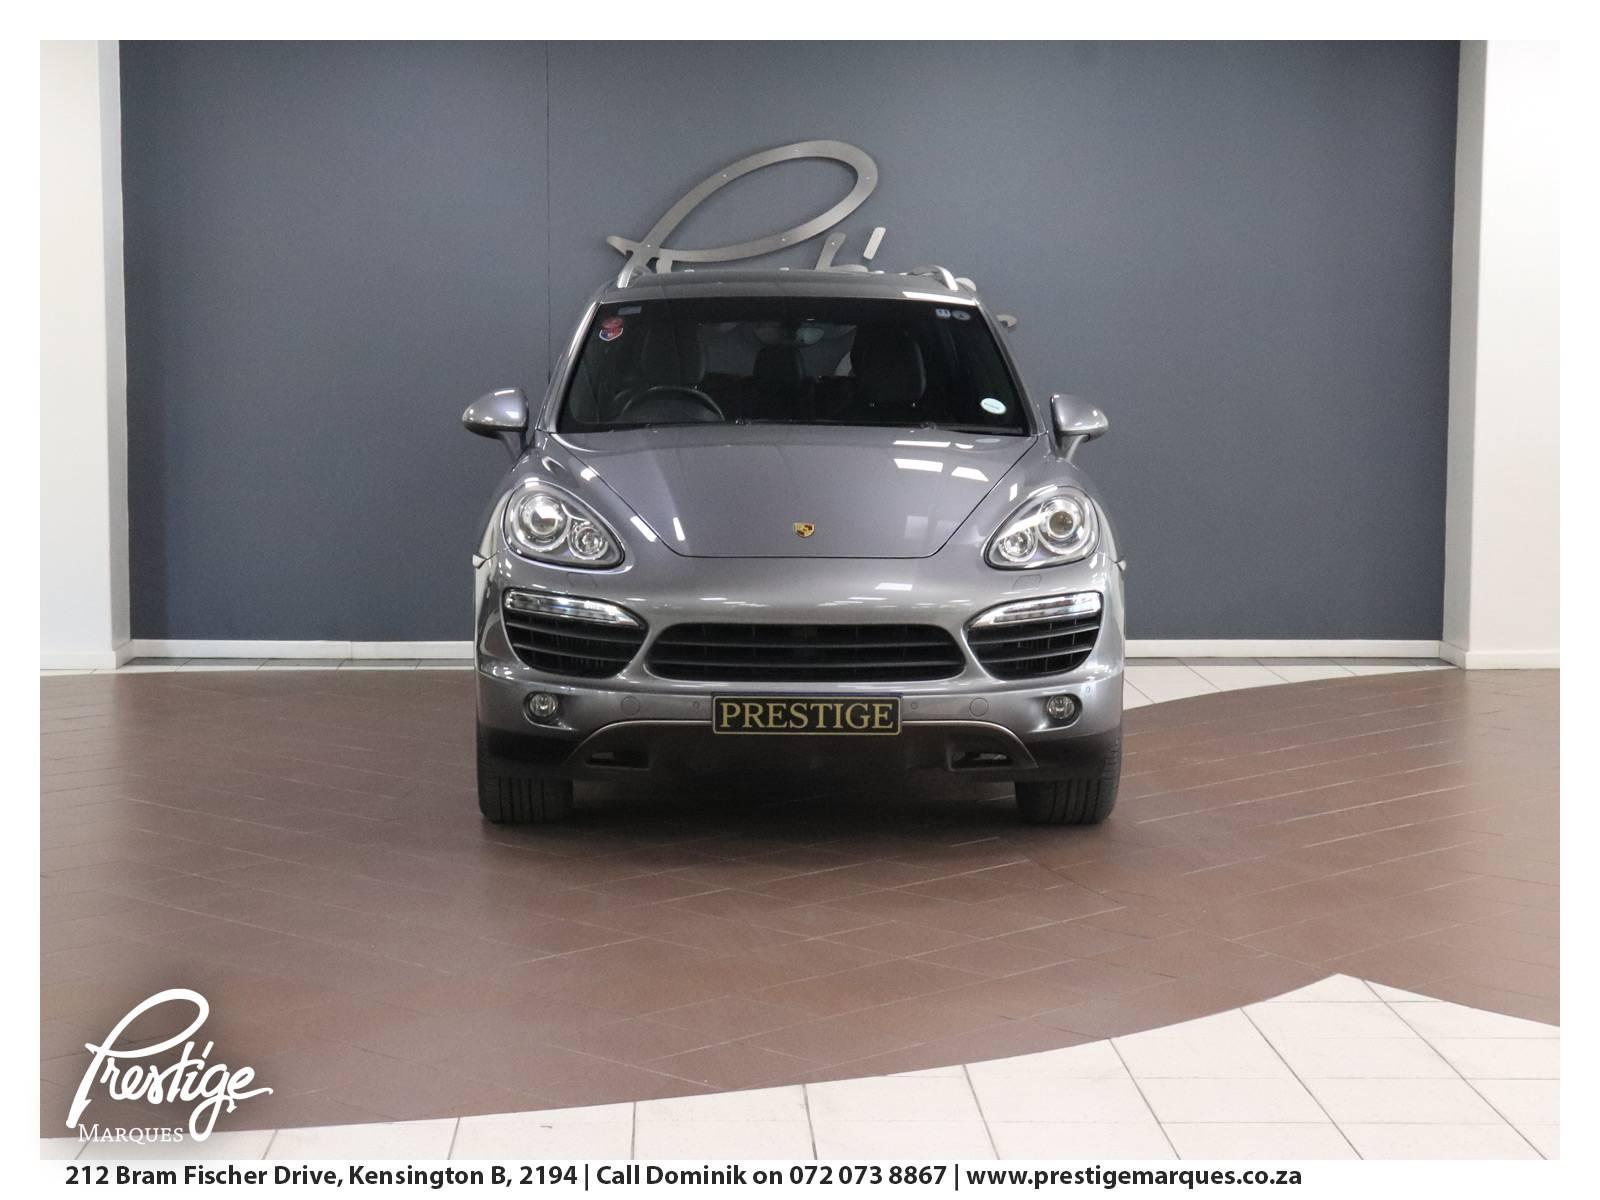 2013-Porsche-Cayenne-Prestige-Marques-Randburg-Sandton-7c